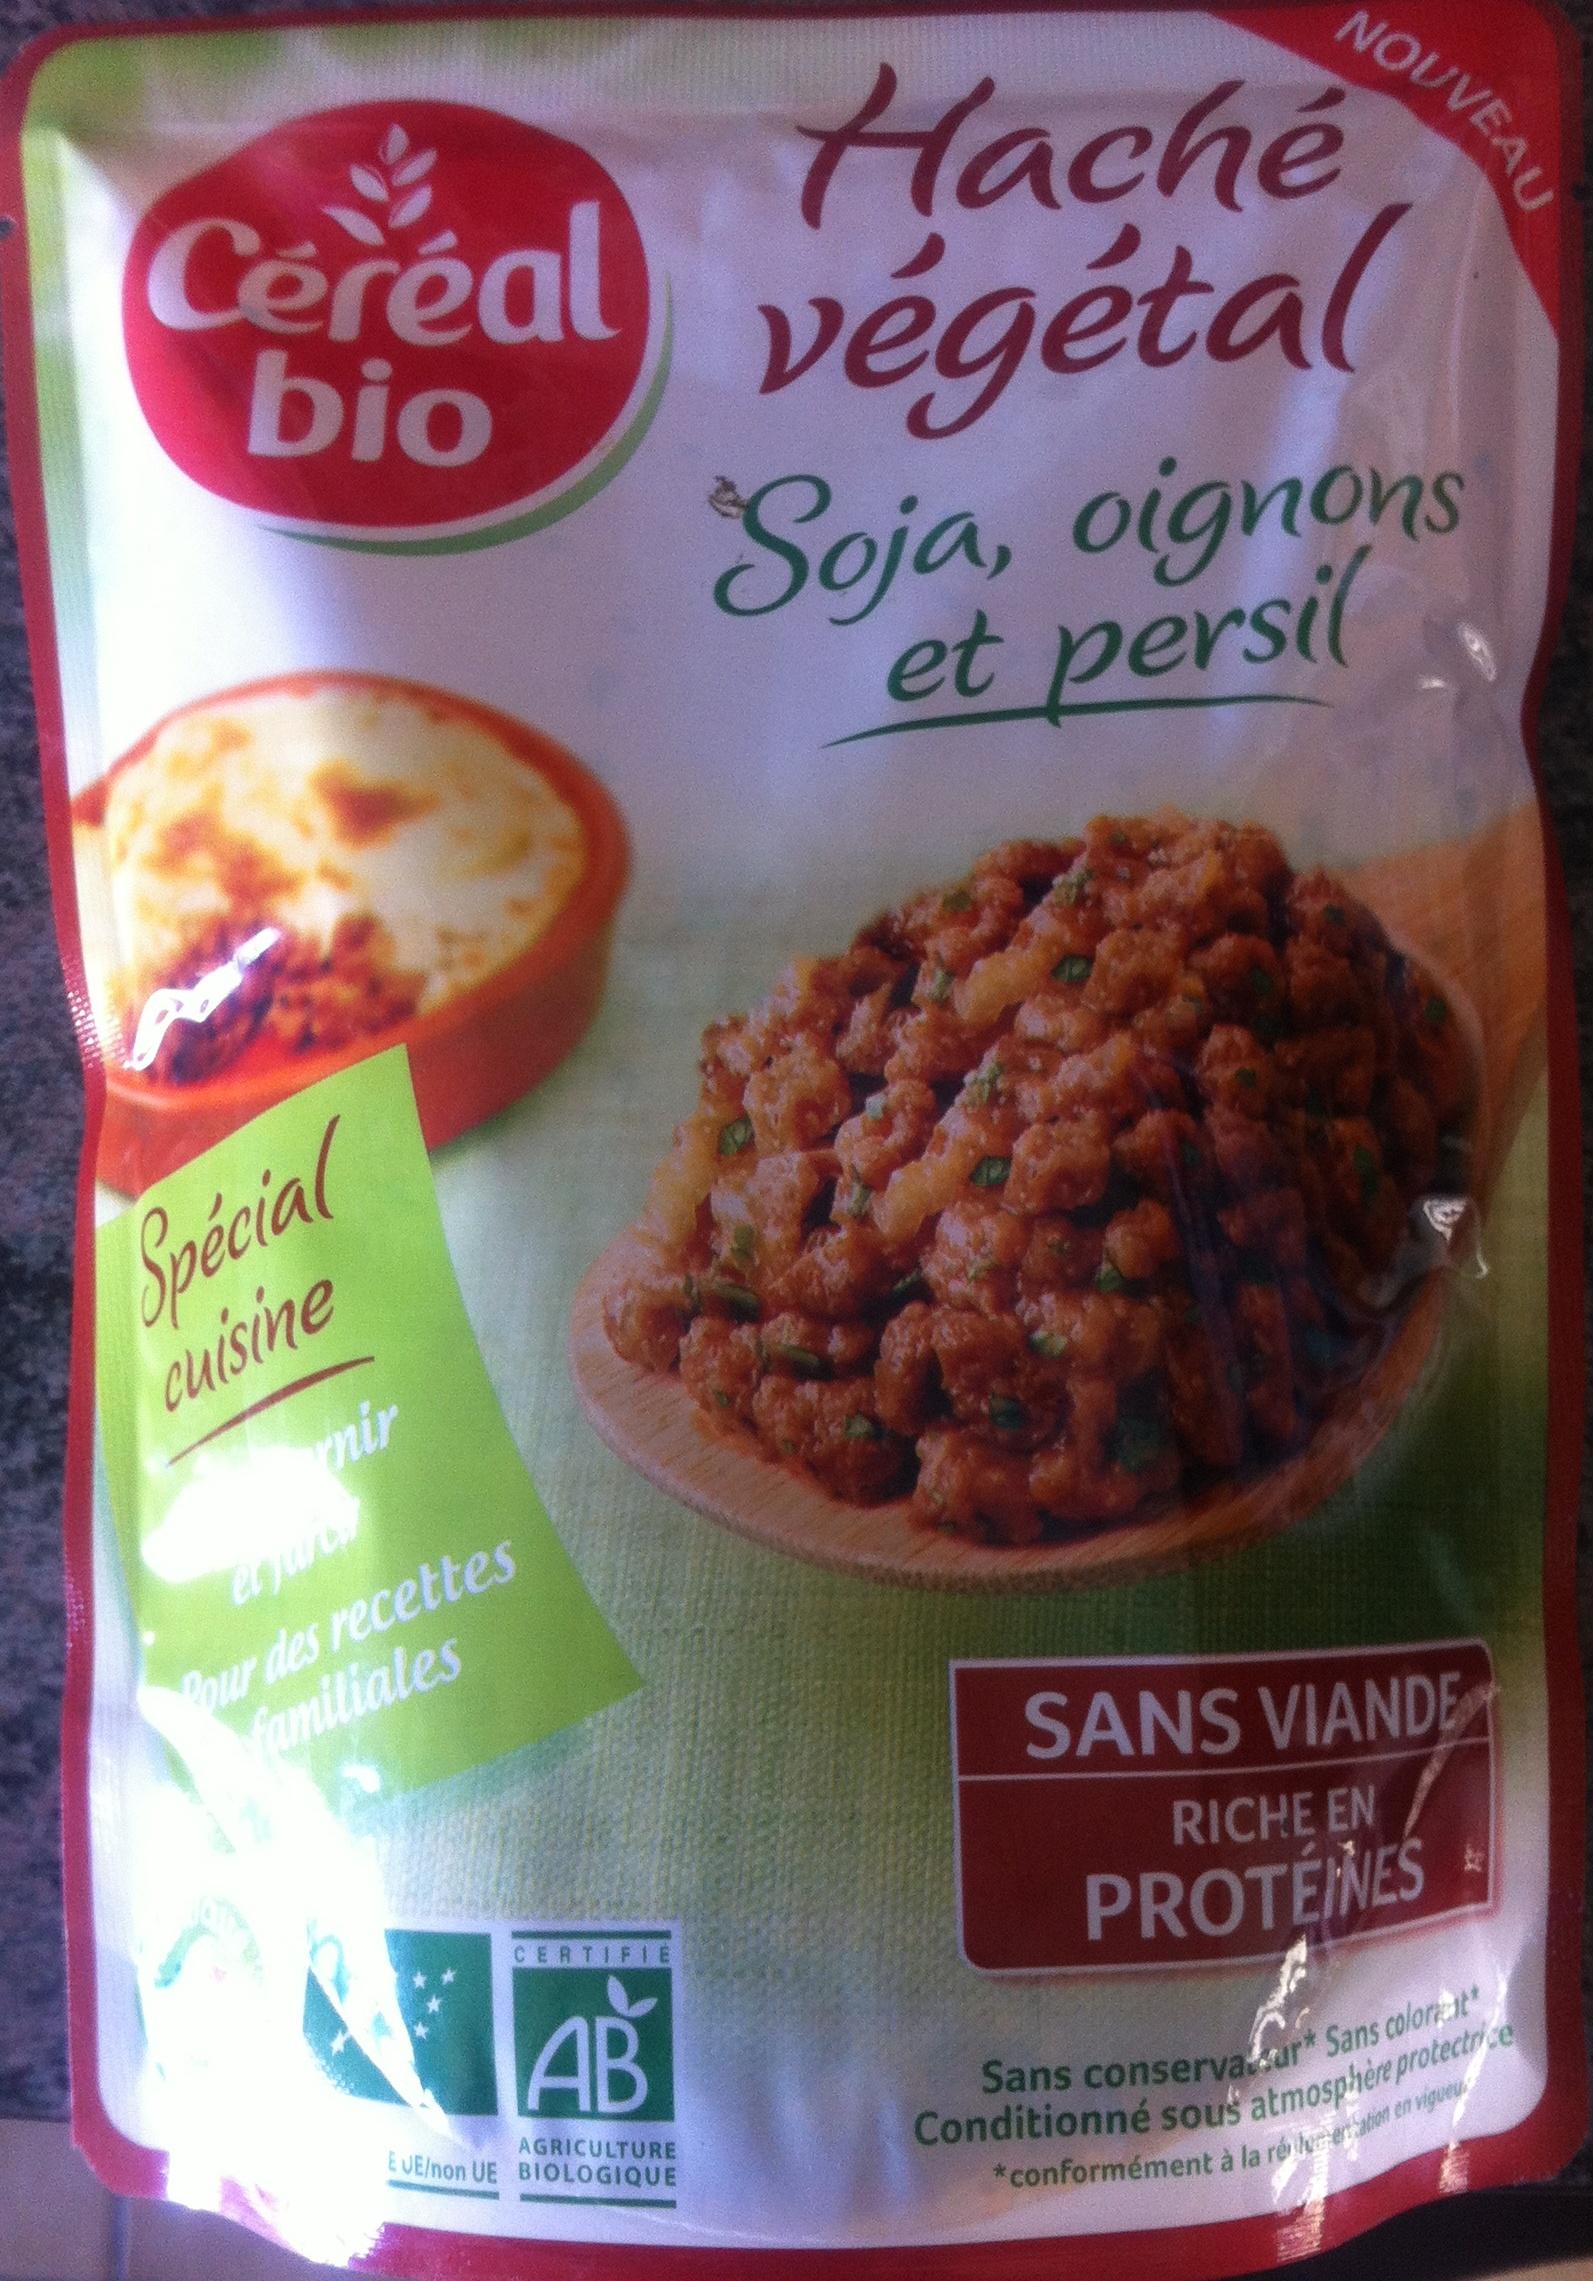 Haché végétal (Soja oignons et persil) - Produit